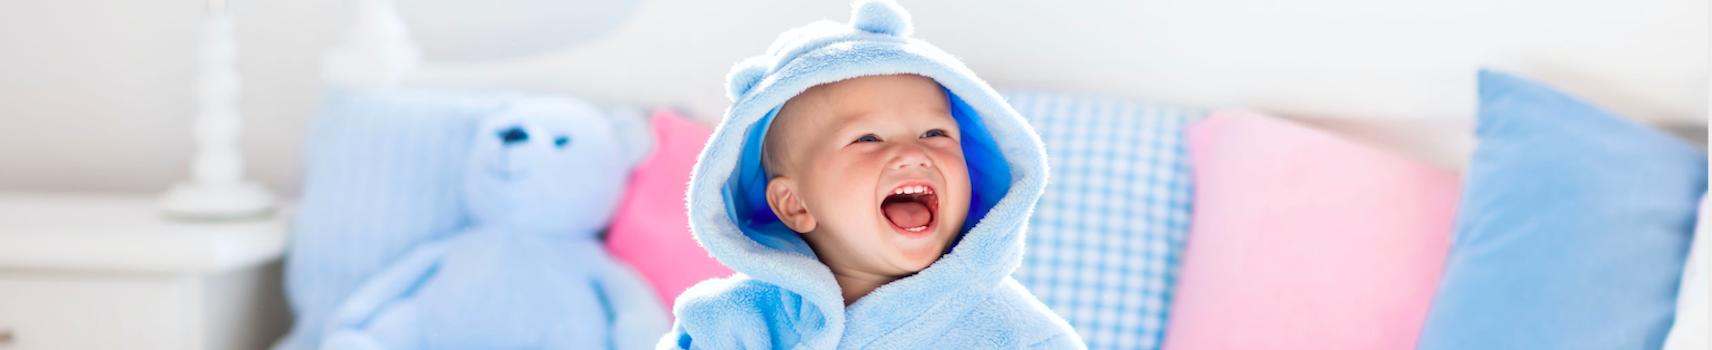 Le Comptoir Allemand | Achat de Soins pour Bébé